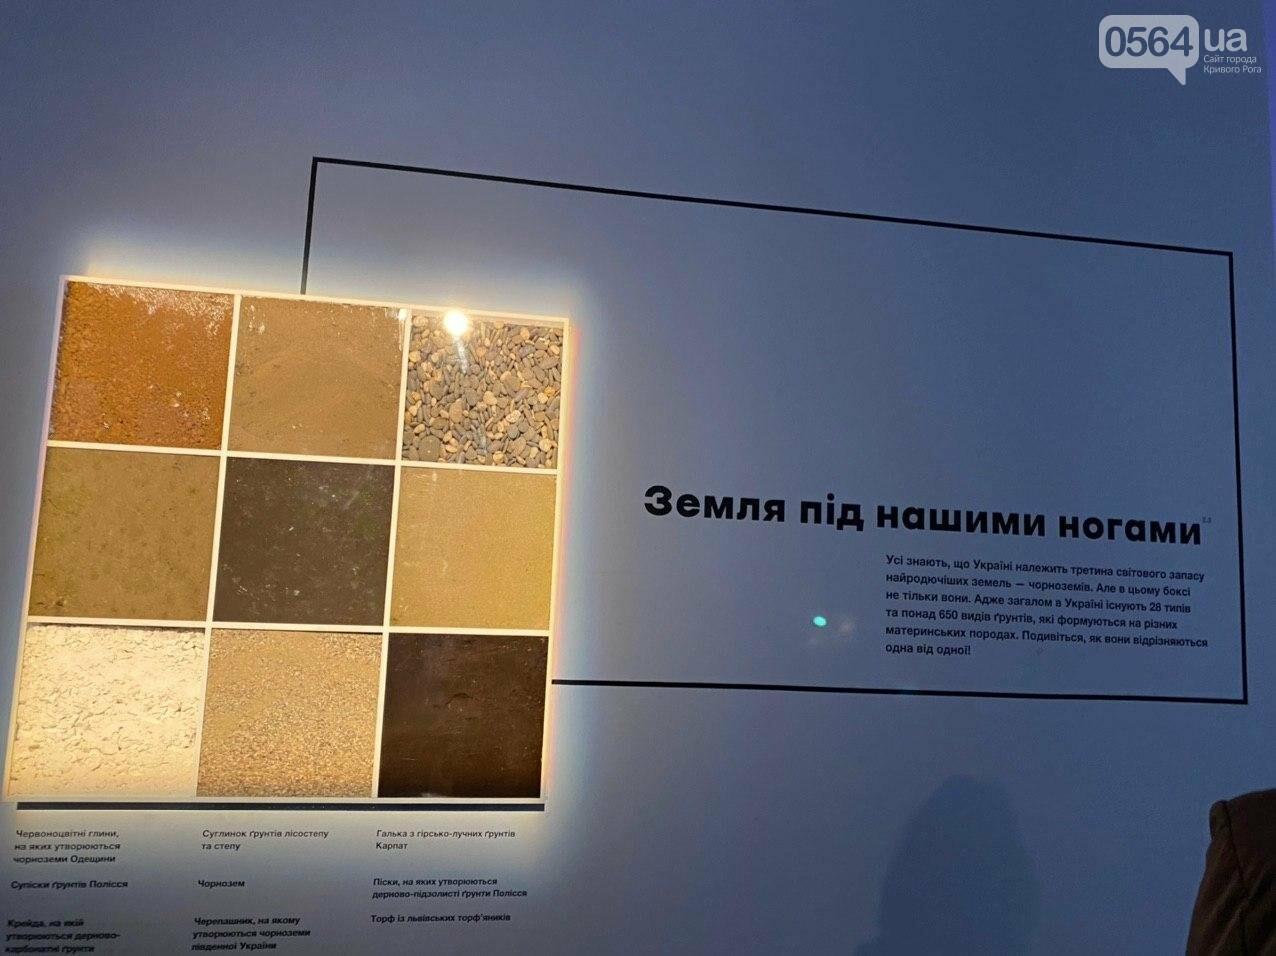 Ukraine WOW: что можно было узнать о Кривом Роге на интерактивной выставке, - ФОТО , фото-11